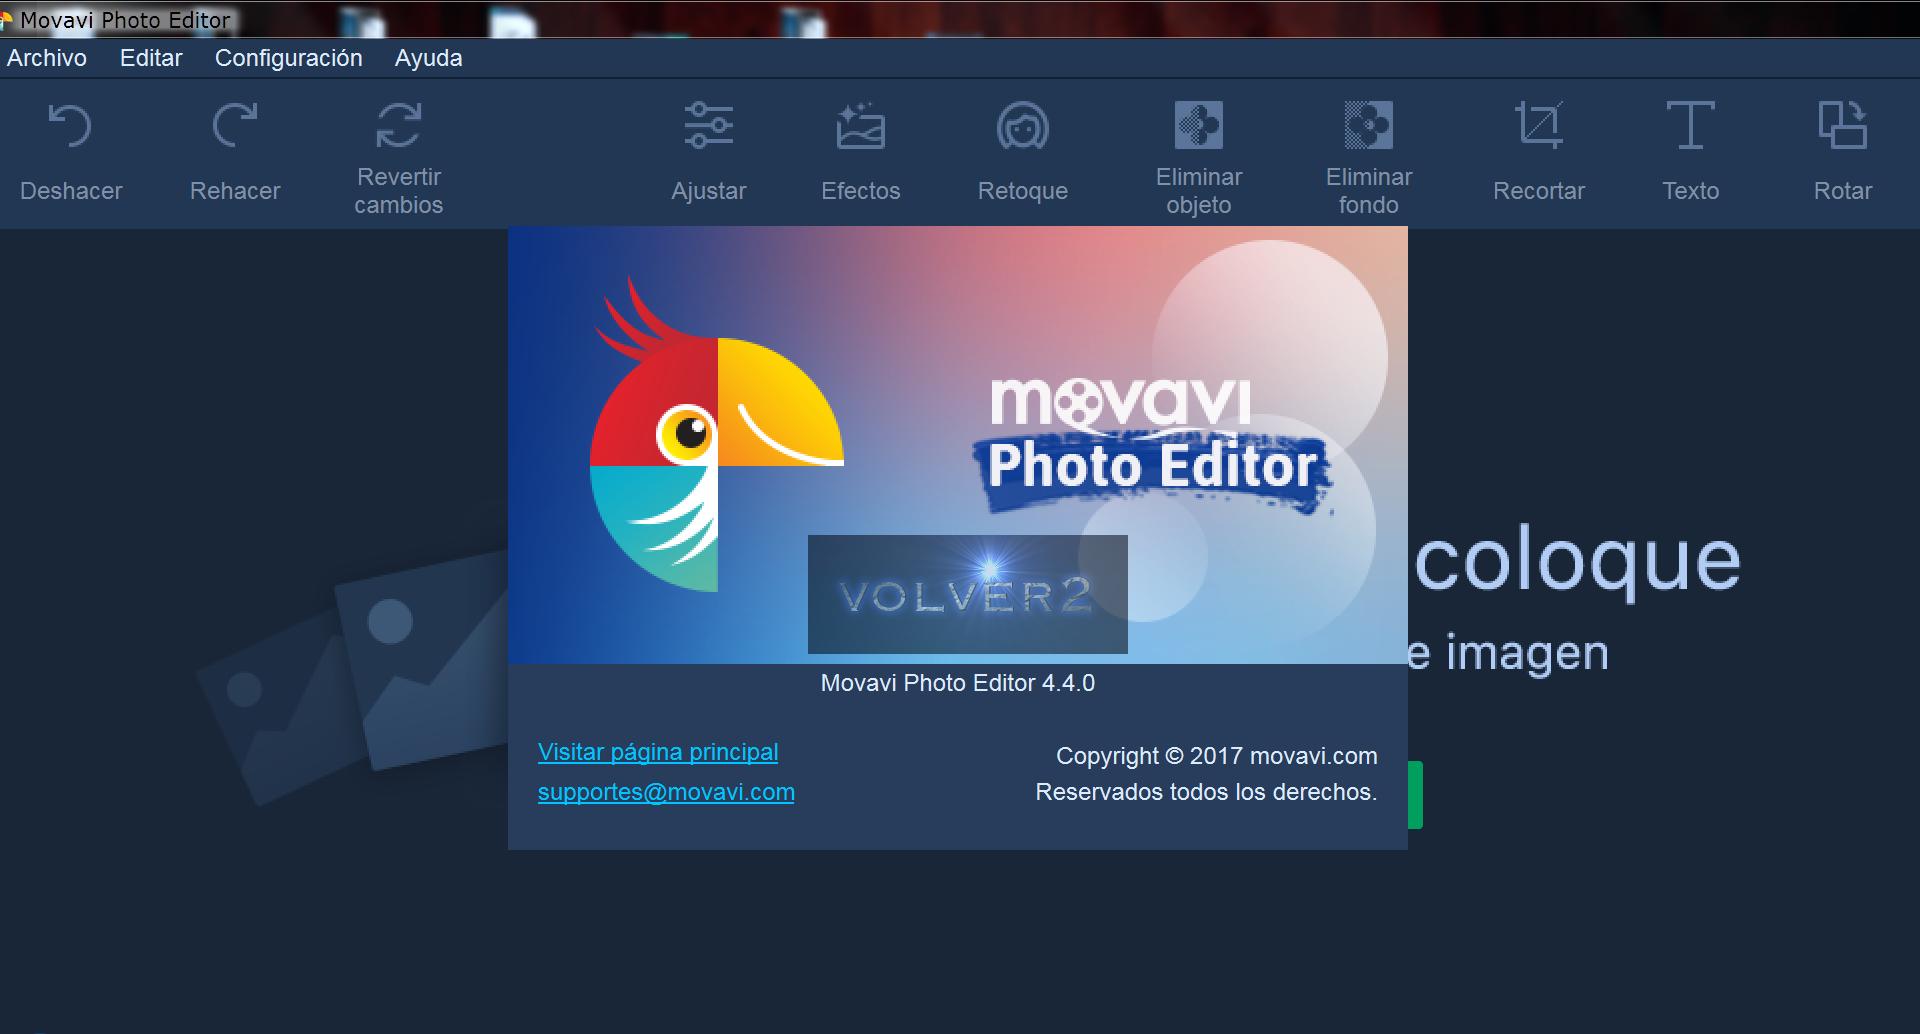 Aplicacion para editar fotos 85